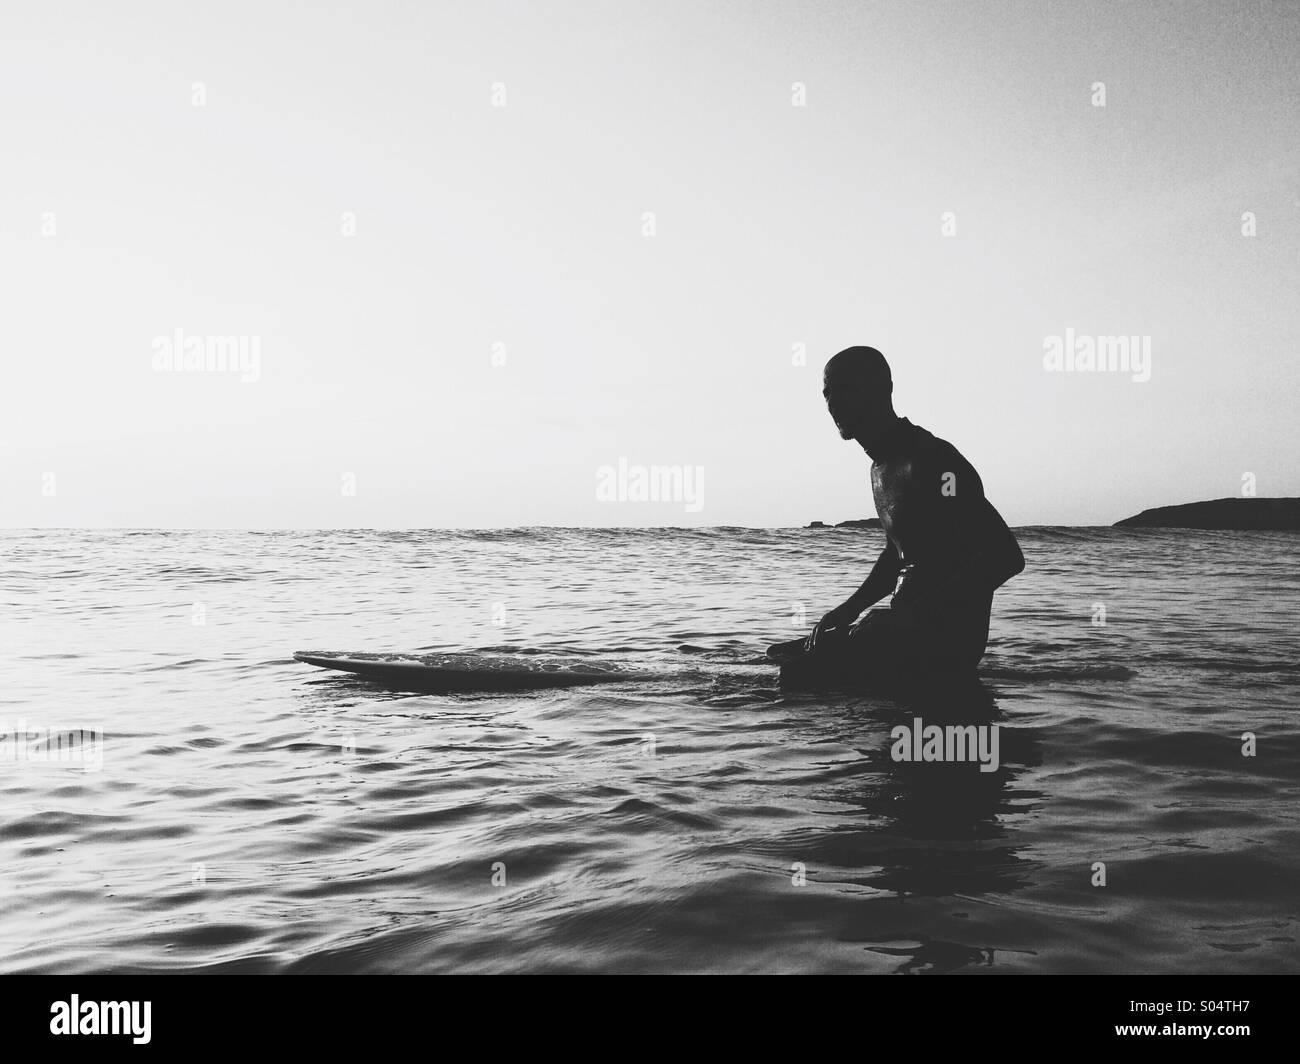 Surfer sulla tavola da surf in attesa di onde. Immagini Stock